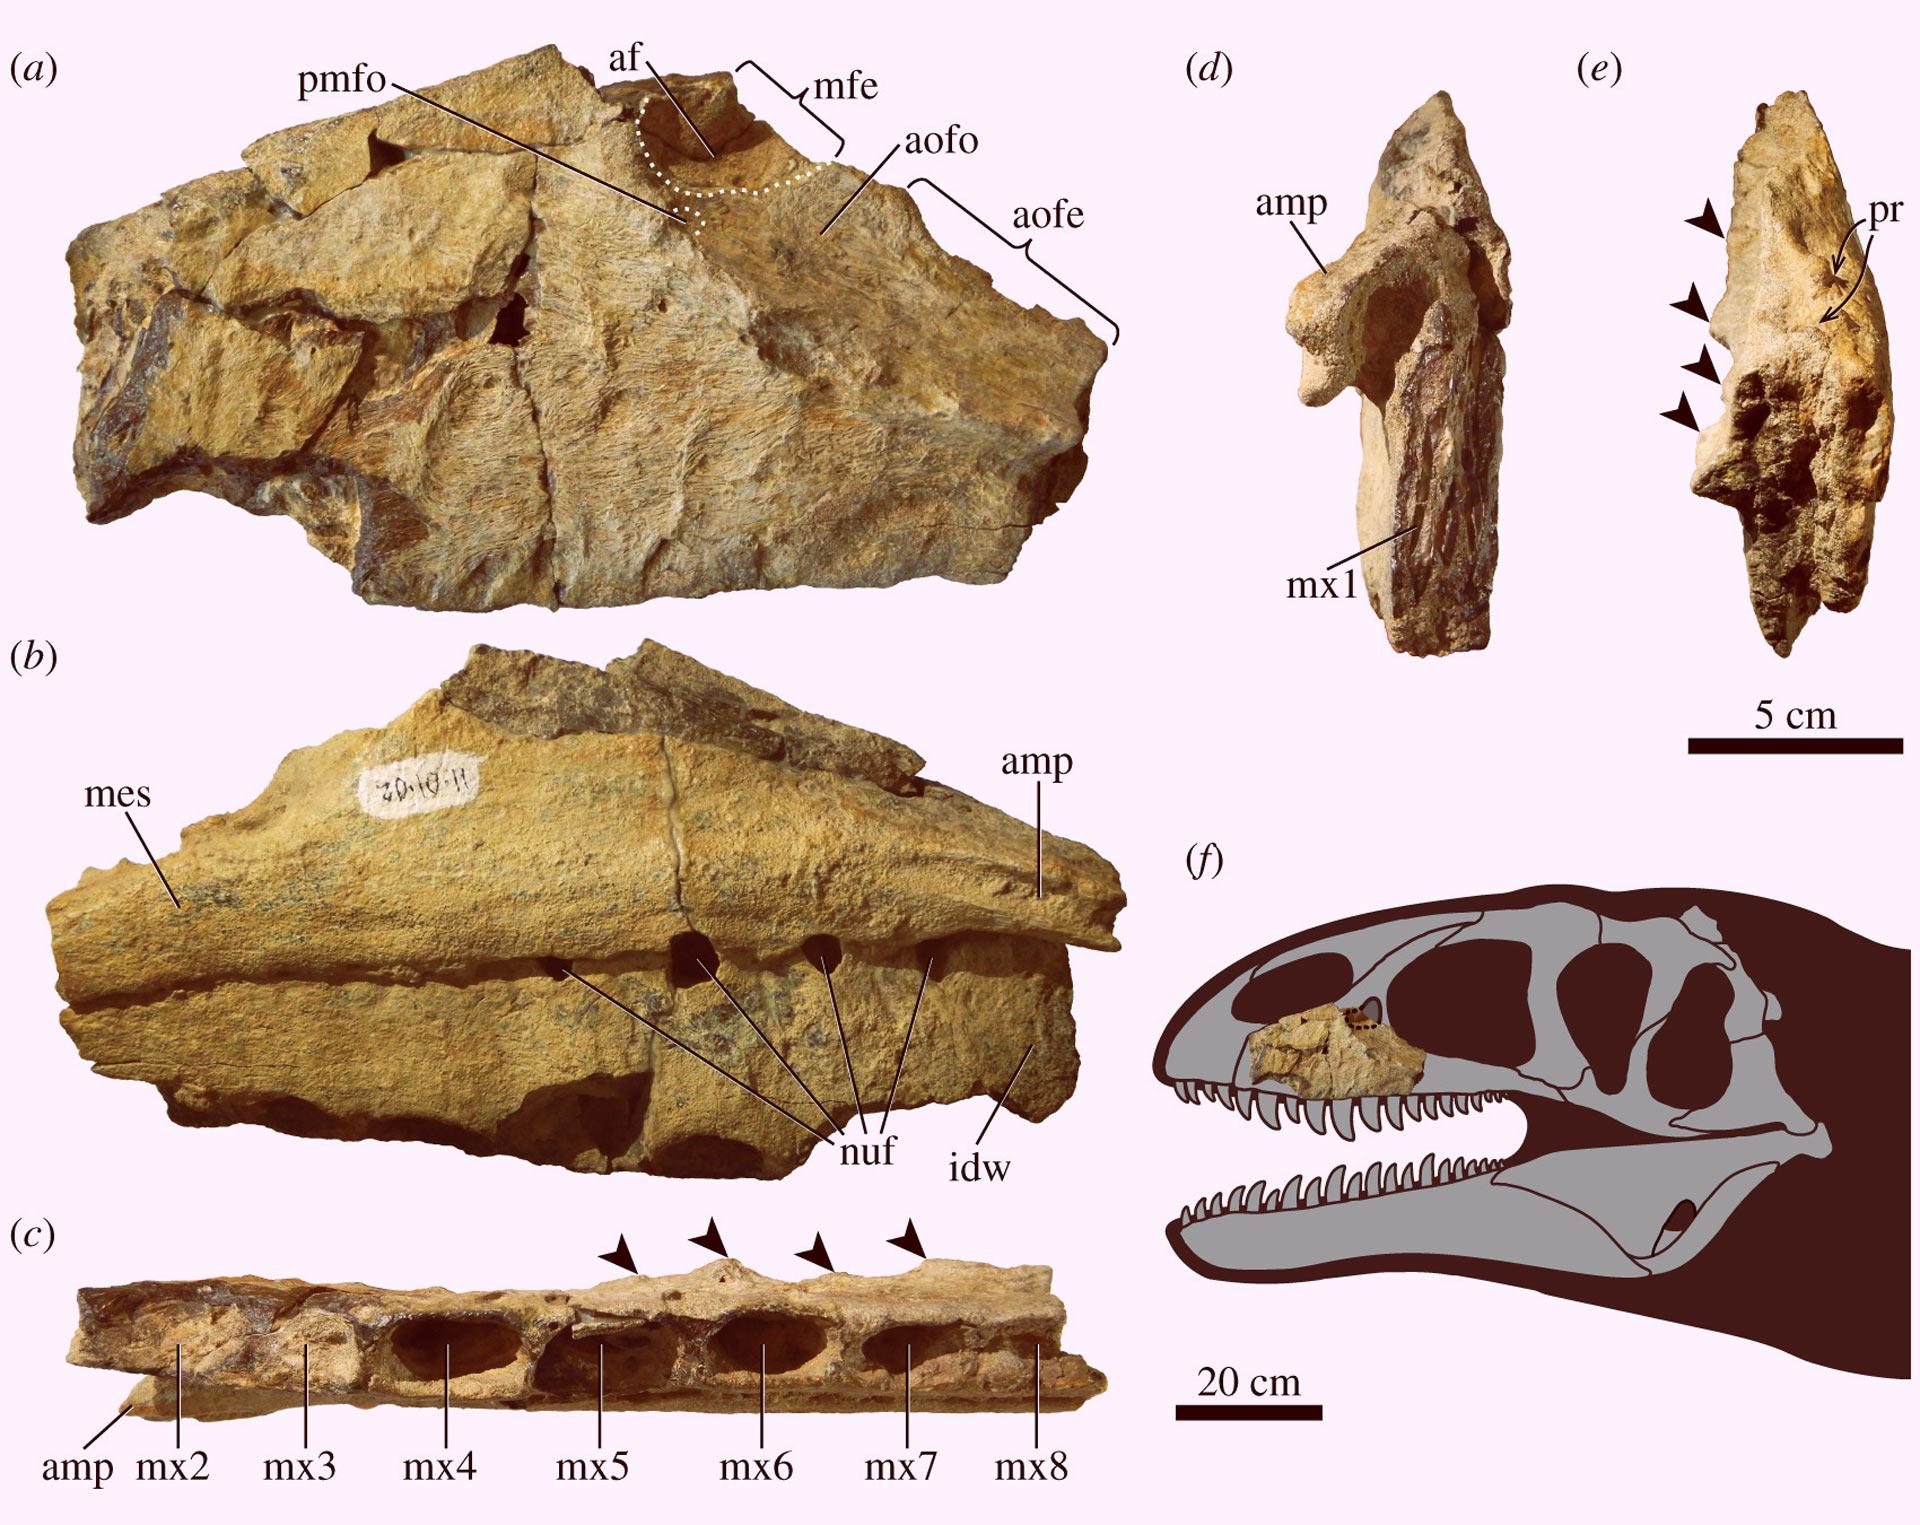 """乌兹别克斯坦发现鲨齿龙属新恐龙""""乌鲁伯格龙"""" 霸王龙之前的霸主"""